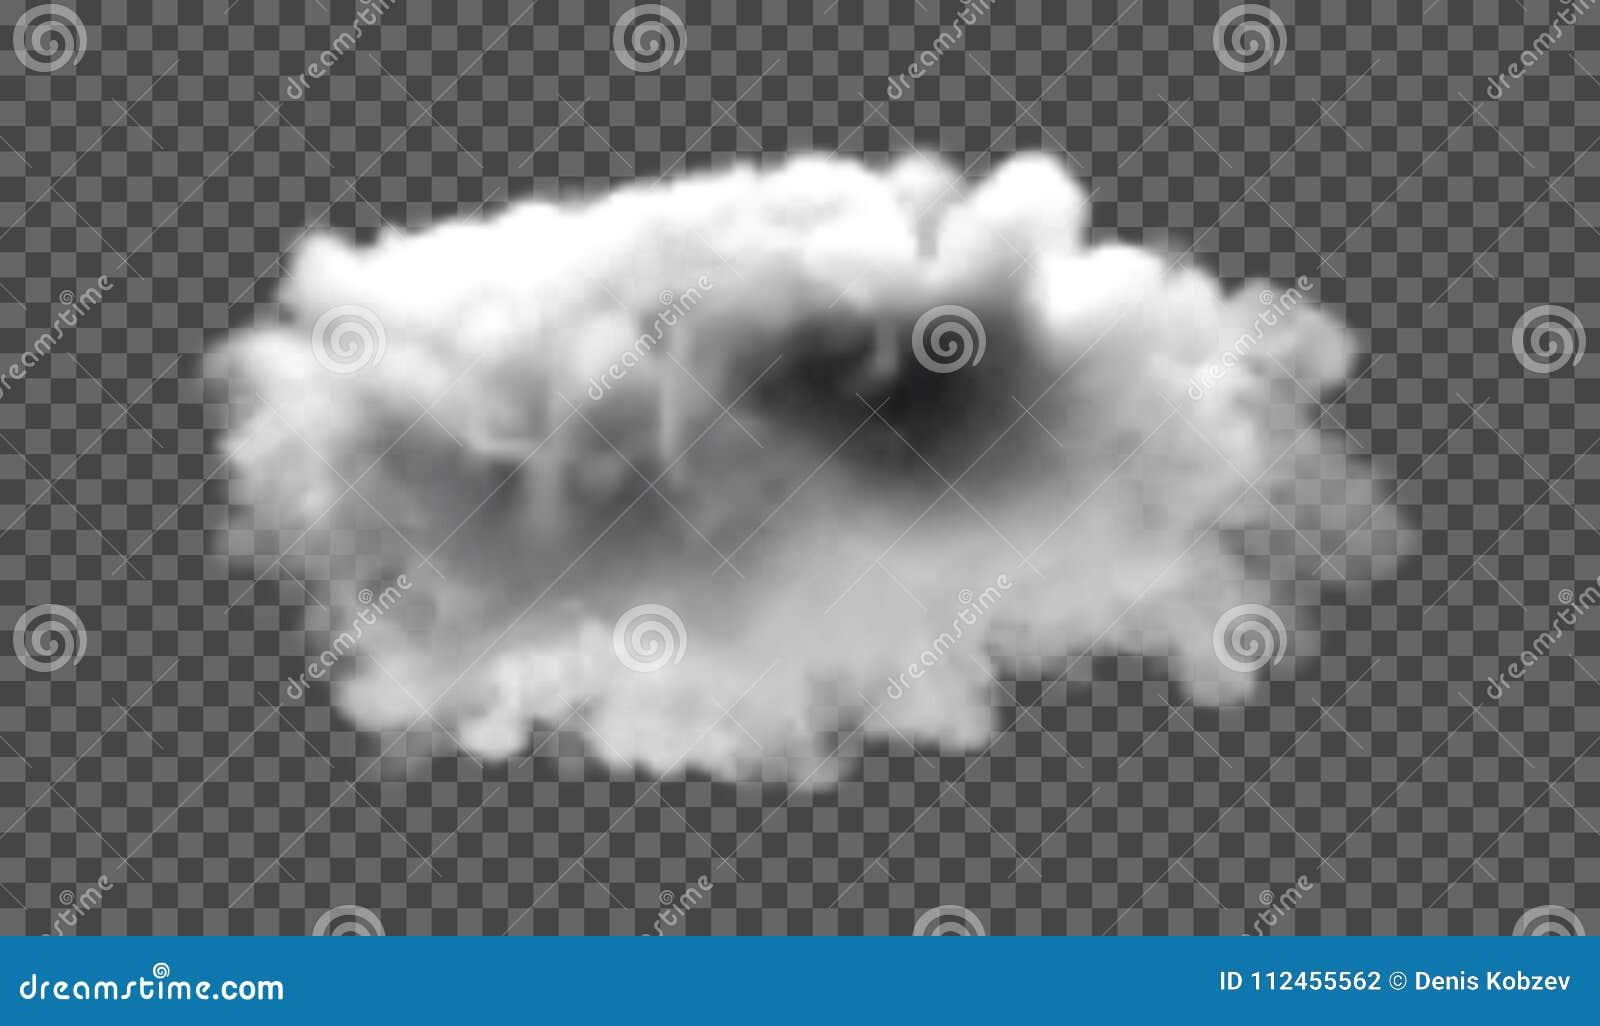 Névoa ou efeito especial transparente isolado fumo Fundo branco da opacidade, da névoa ou da poluição atmosférica Ilustração do v